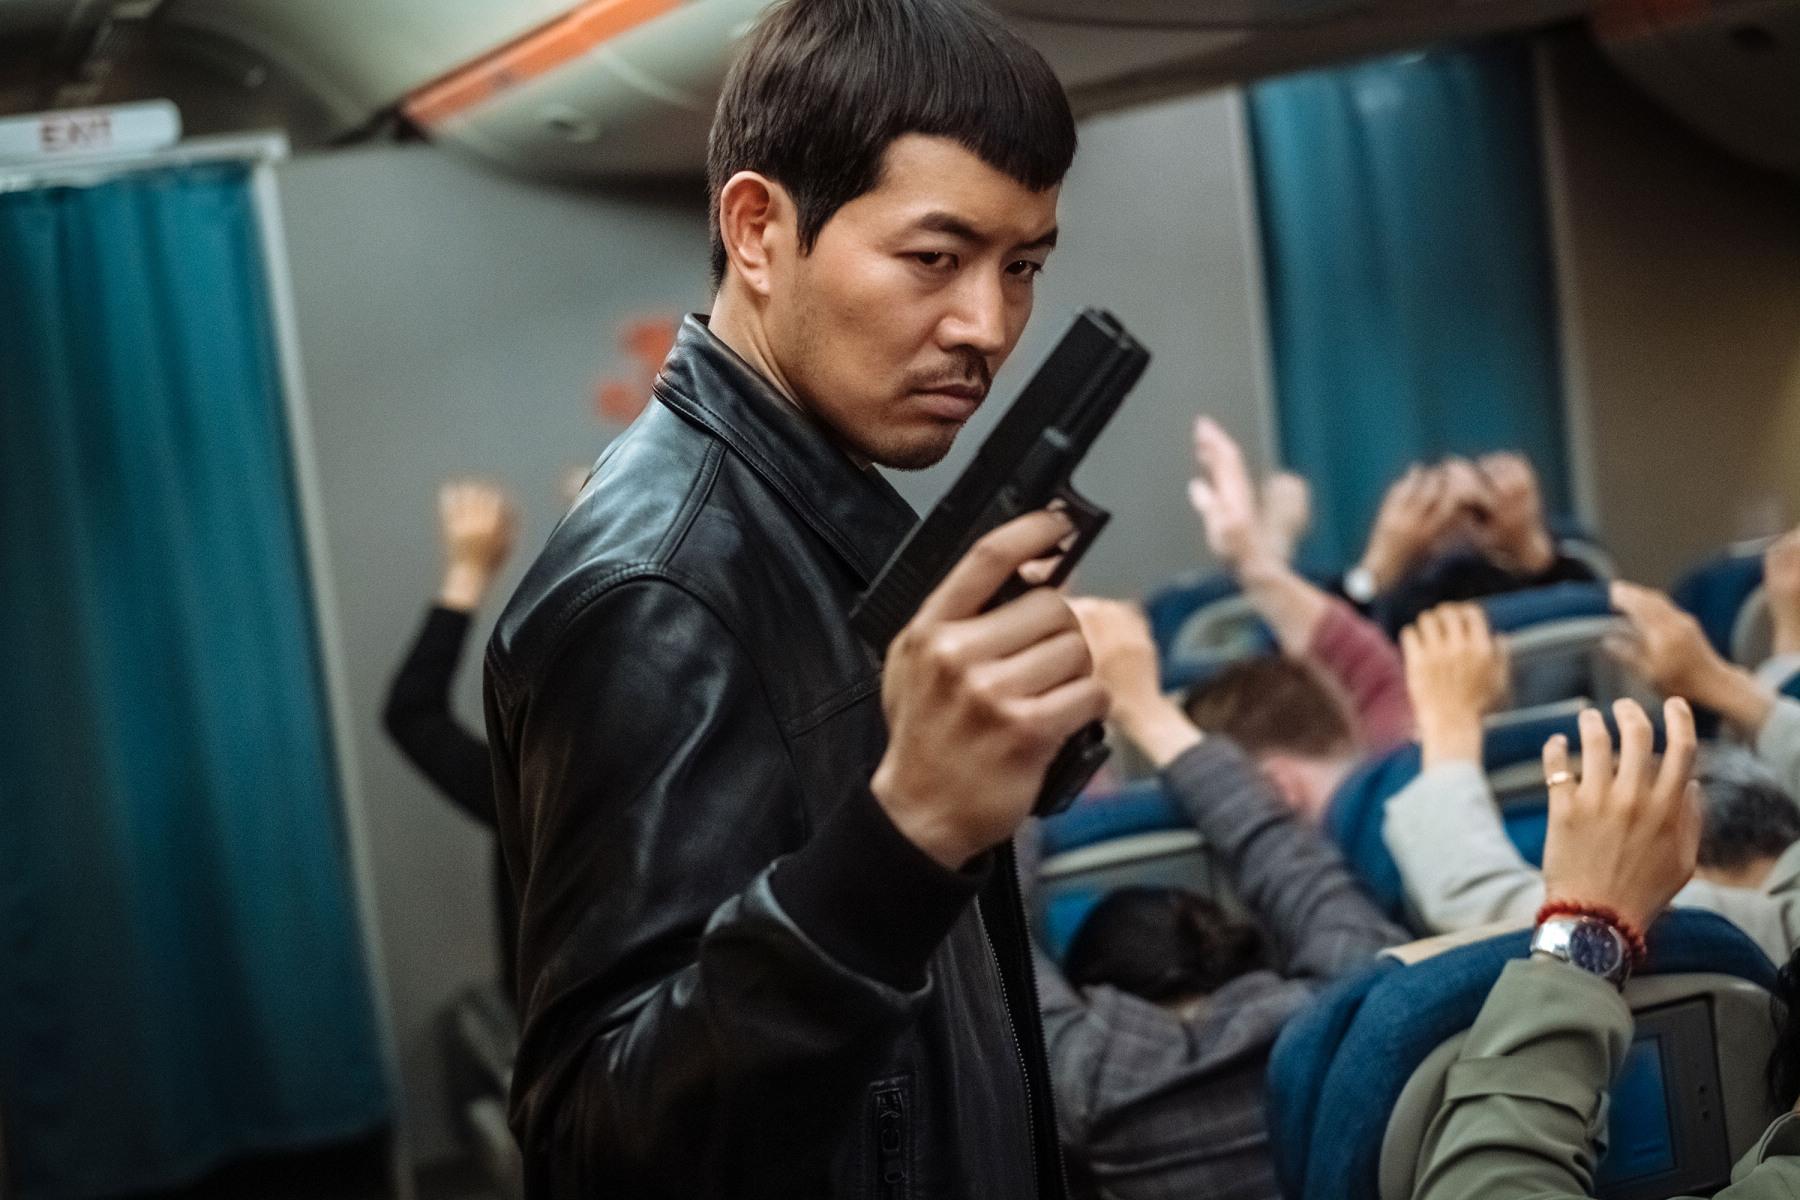 李尚允在片中逆轉過去暖男形象,扮演反派恐怖份子,甚至挑戰朝鮮話